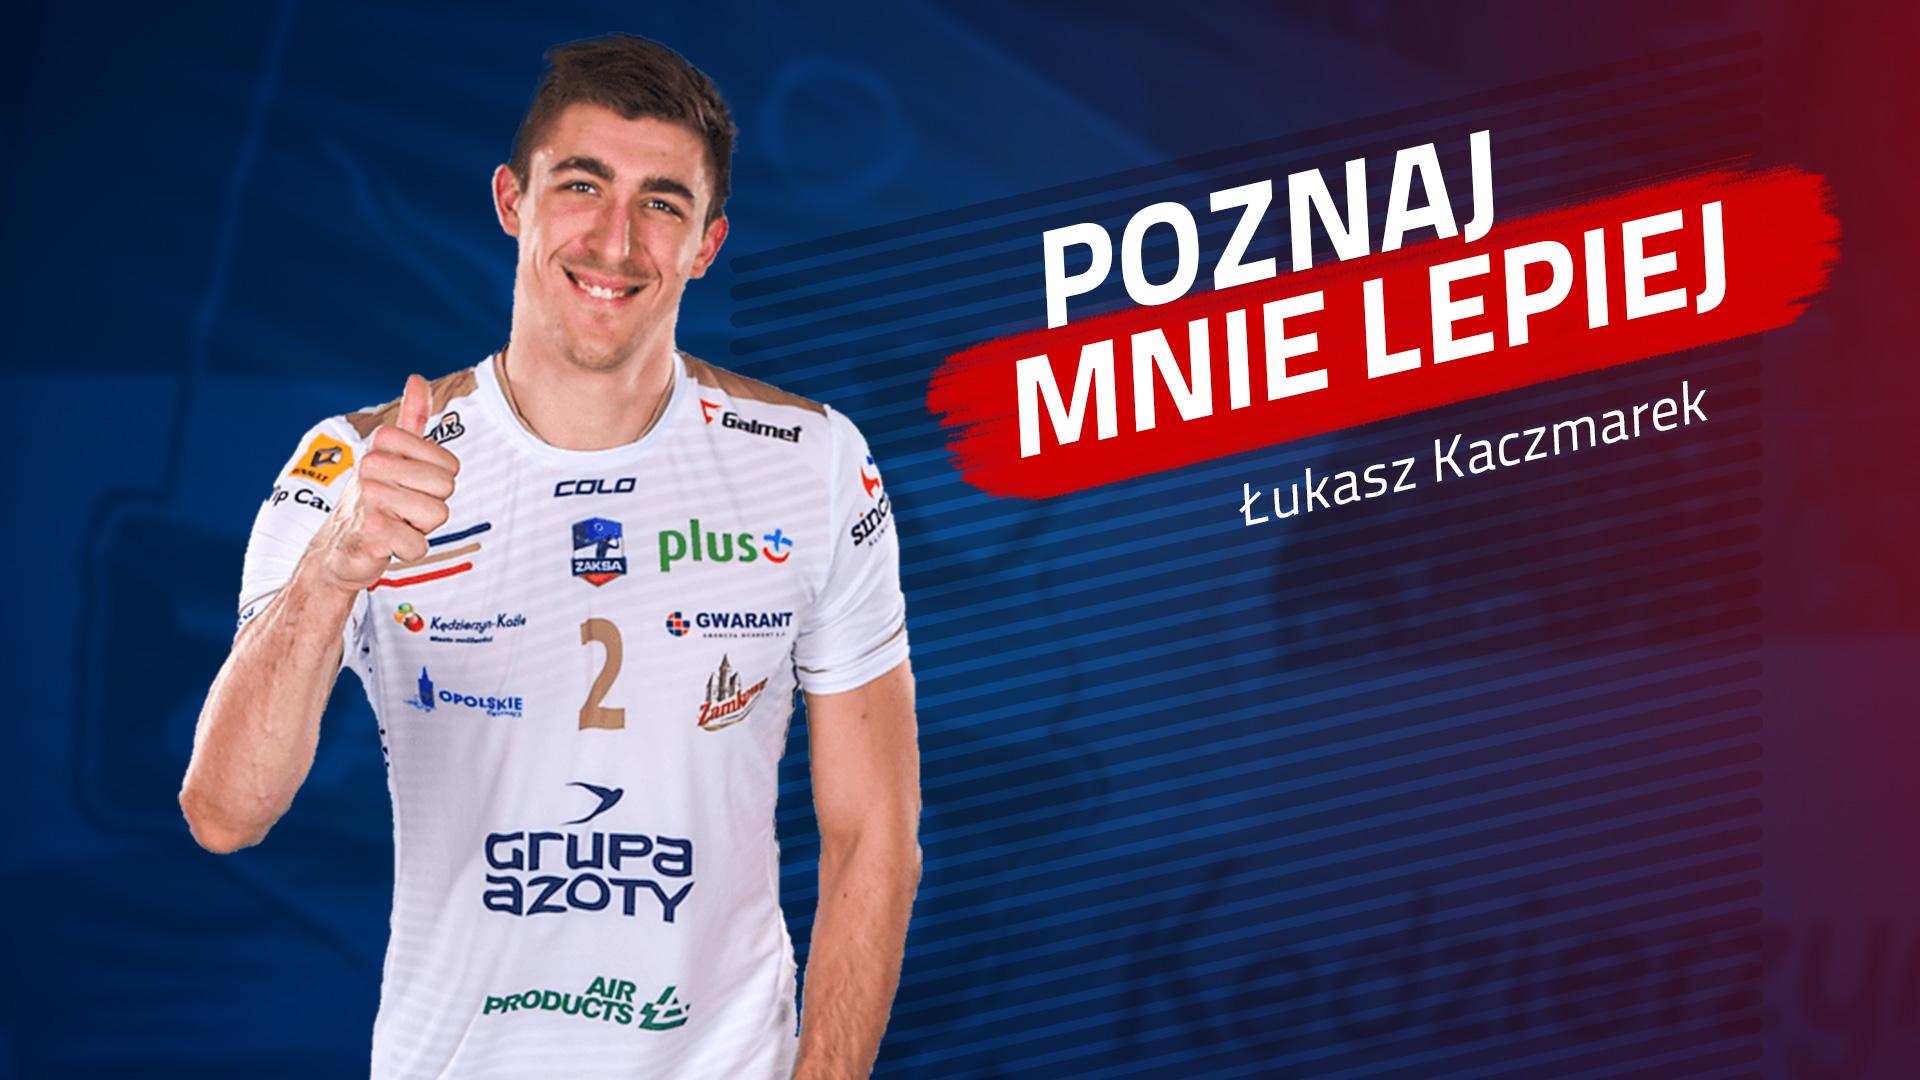 Poznaj mnie lepiej: Łukasz Kaczmarek